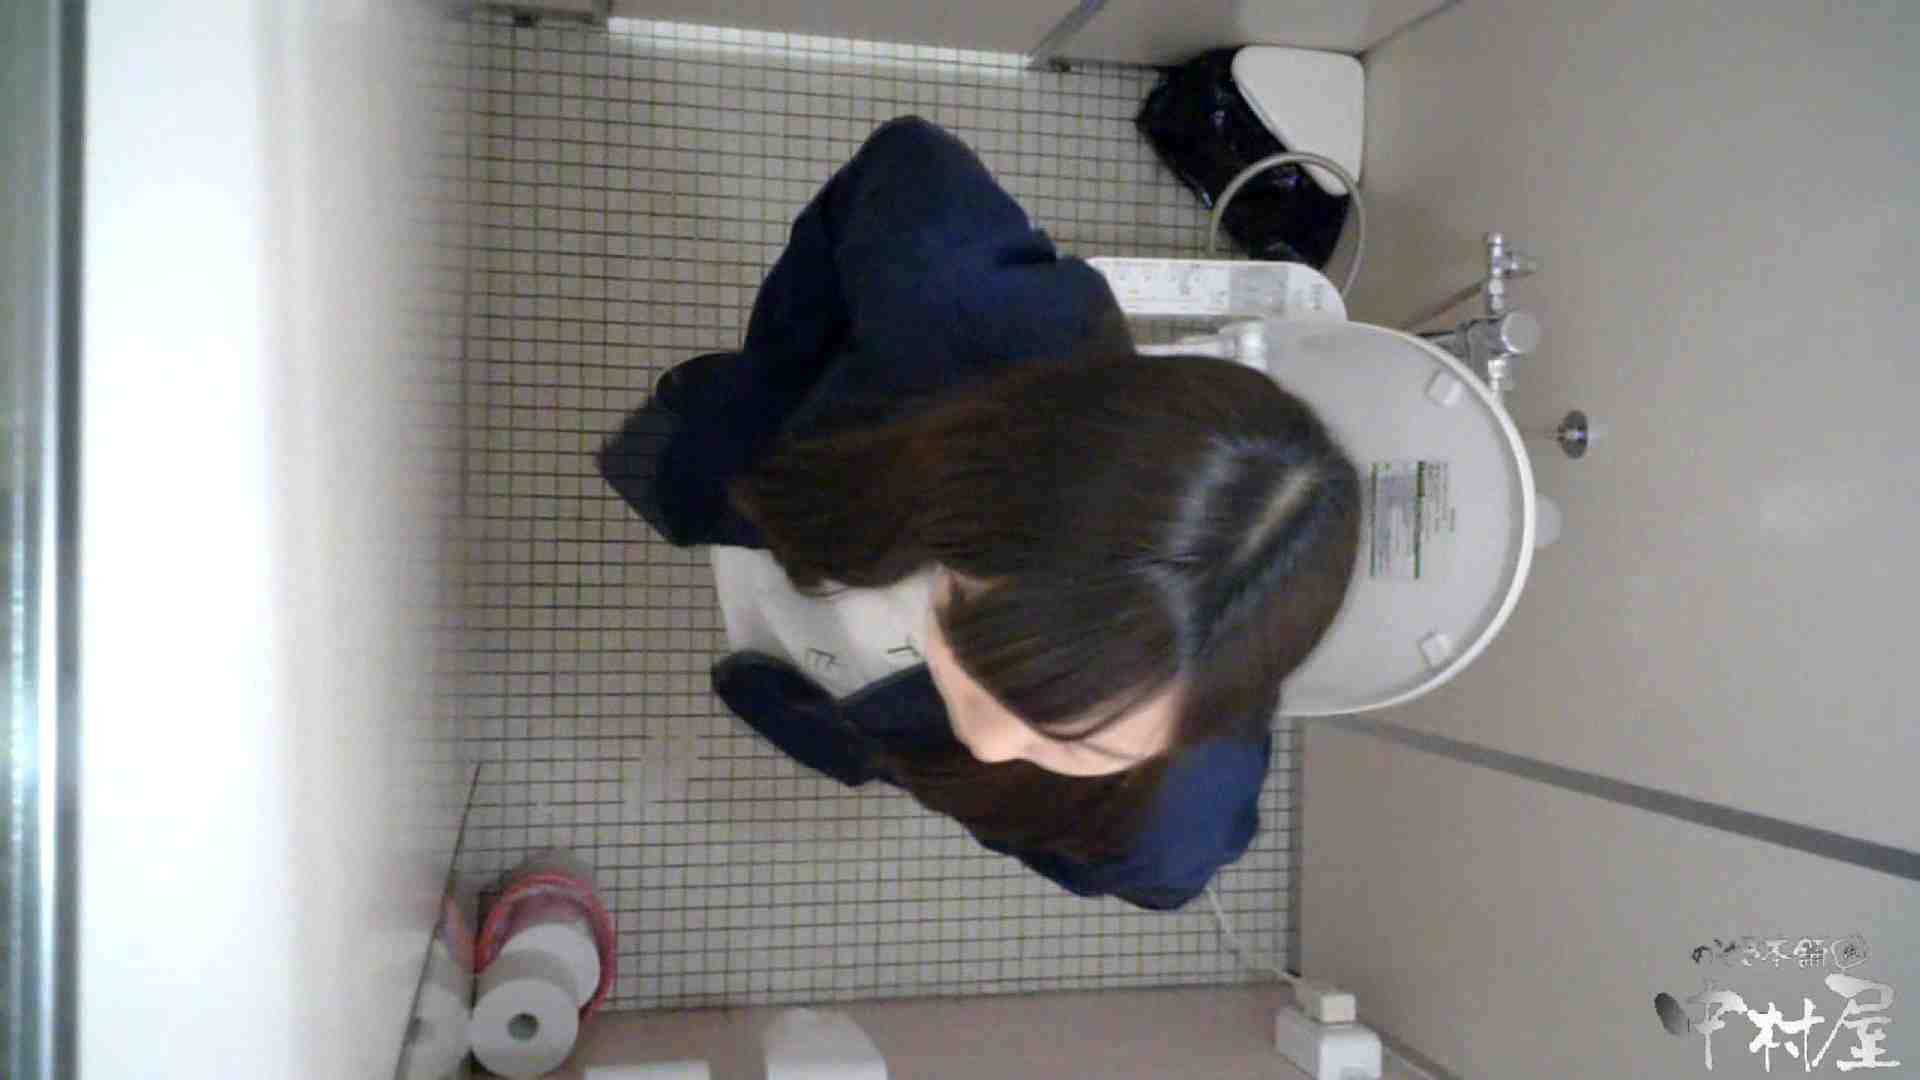 【某有名大学女性洗面所】有名大学女性洗面所 vol.43 いつみても神秘的な世界です。 0  105pic 34